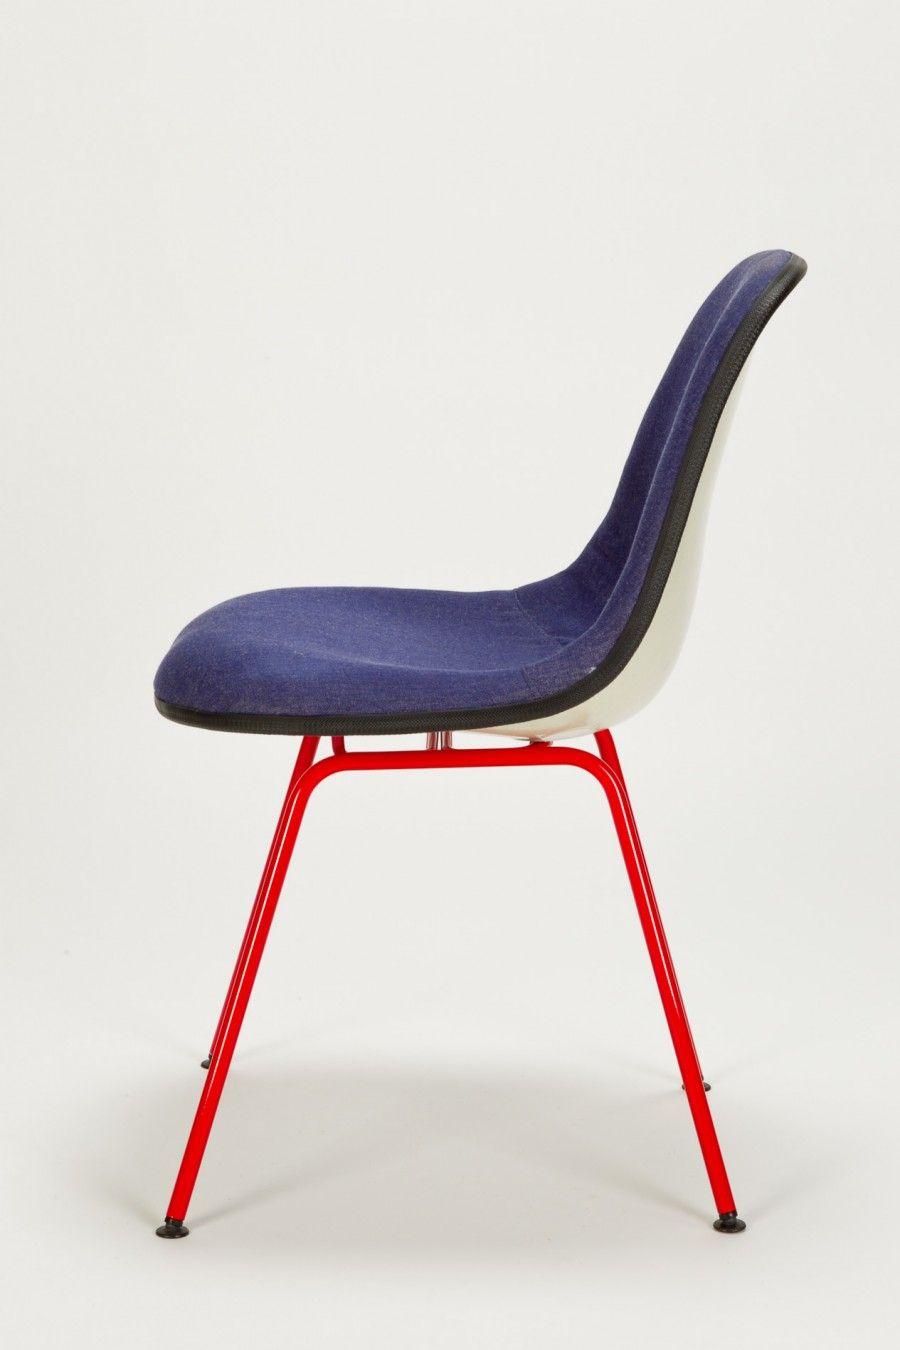 charles eames stuhl stunning vitra eames plastic side. Black Bedroom Furniture Sets. Home Design Ideas